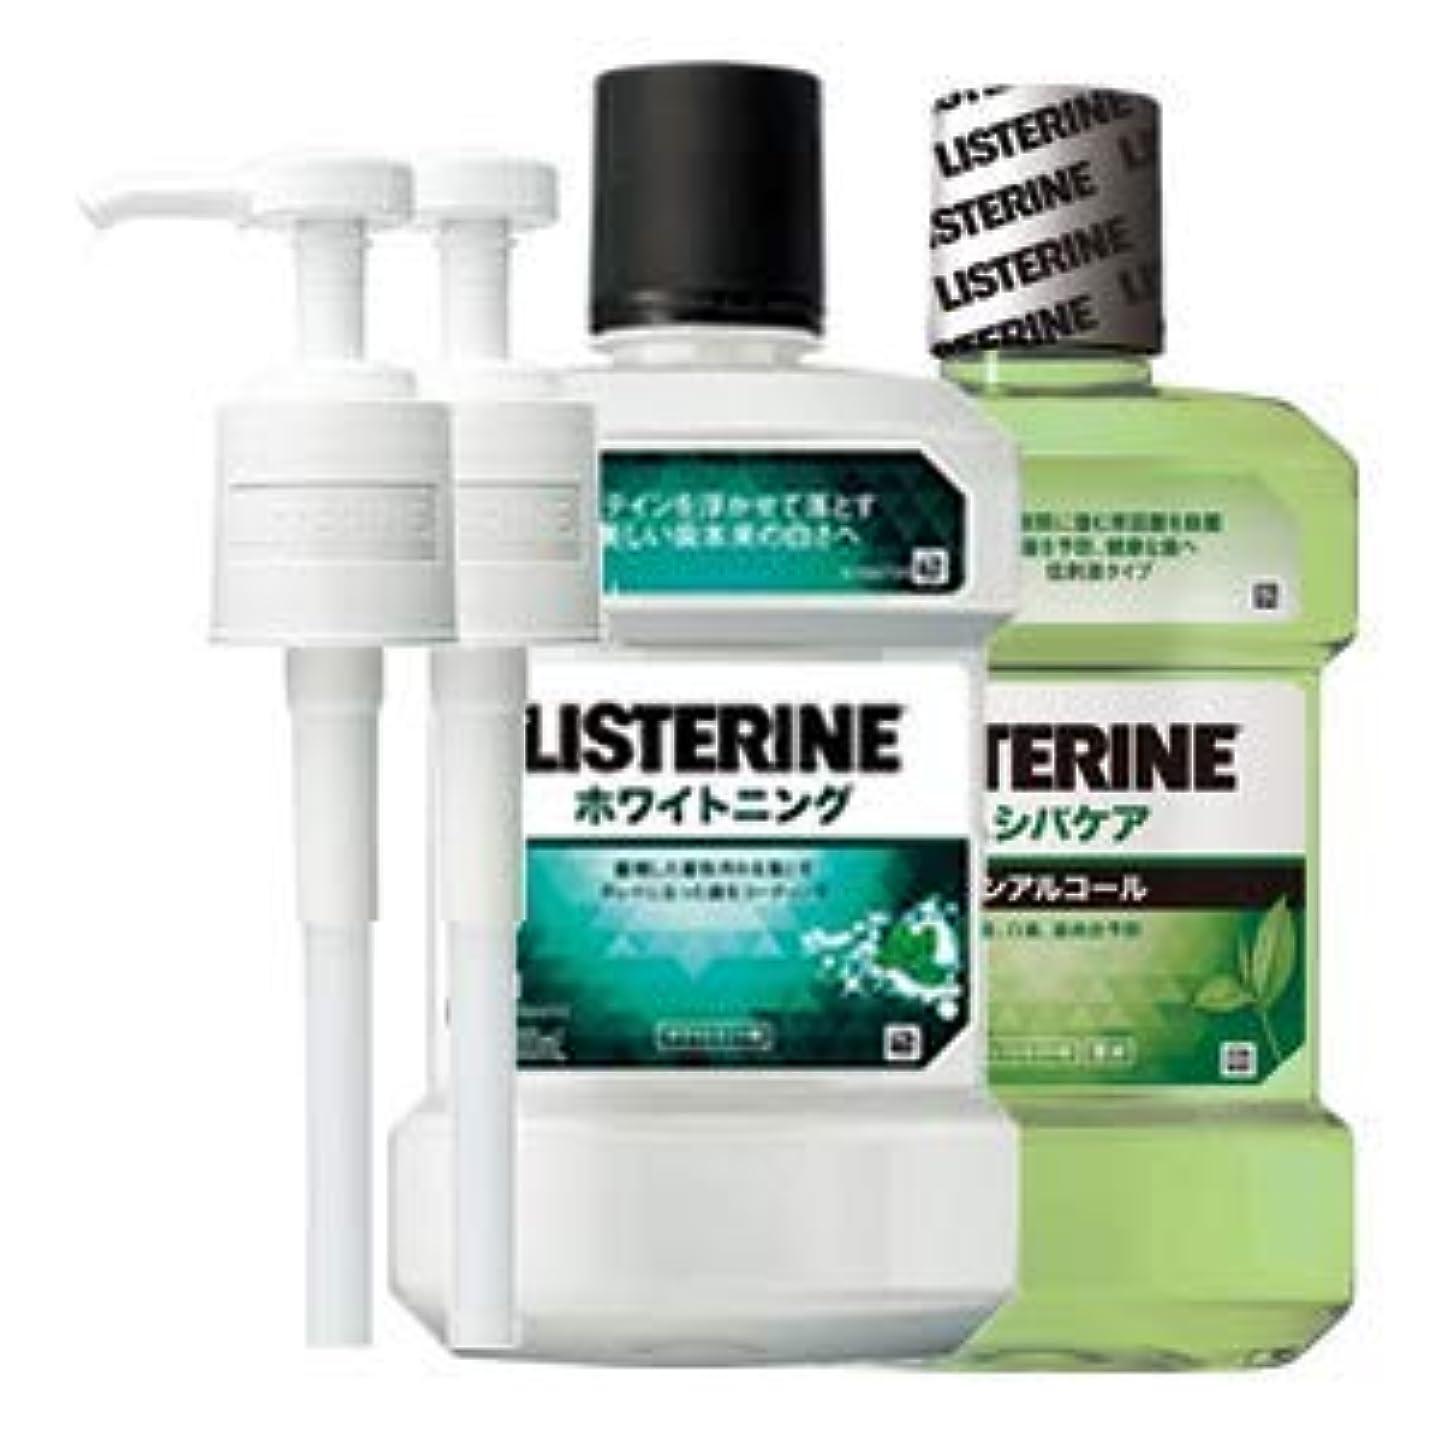 元に戻す一月再生可能薬用 リステリン ホワイトニング ムシバケア 1000mL 2点セット (ポンプ付)